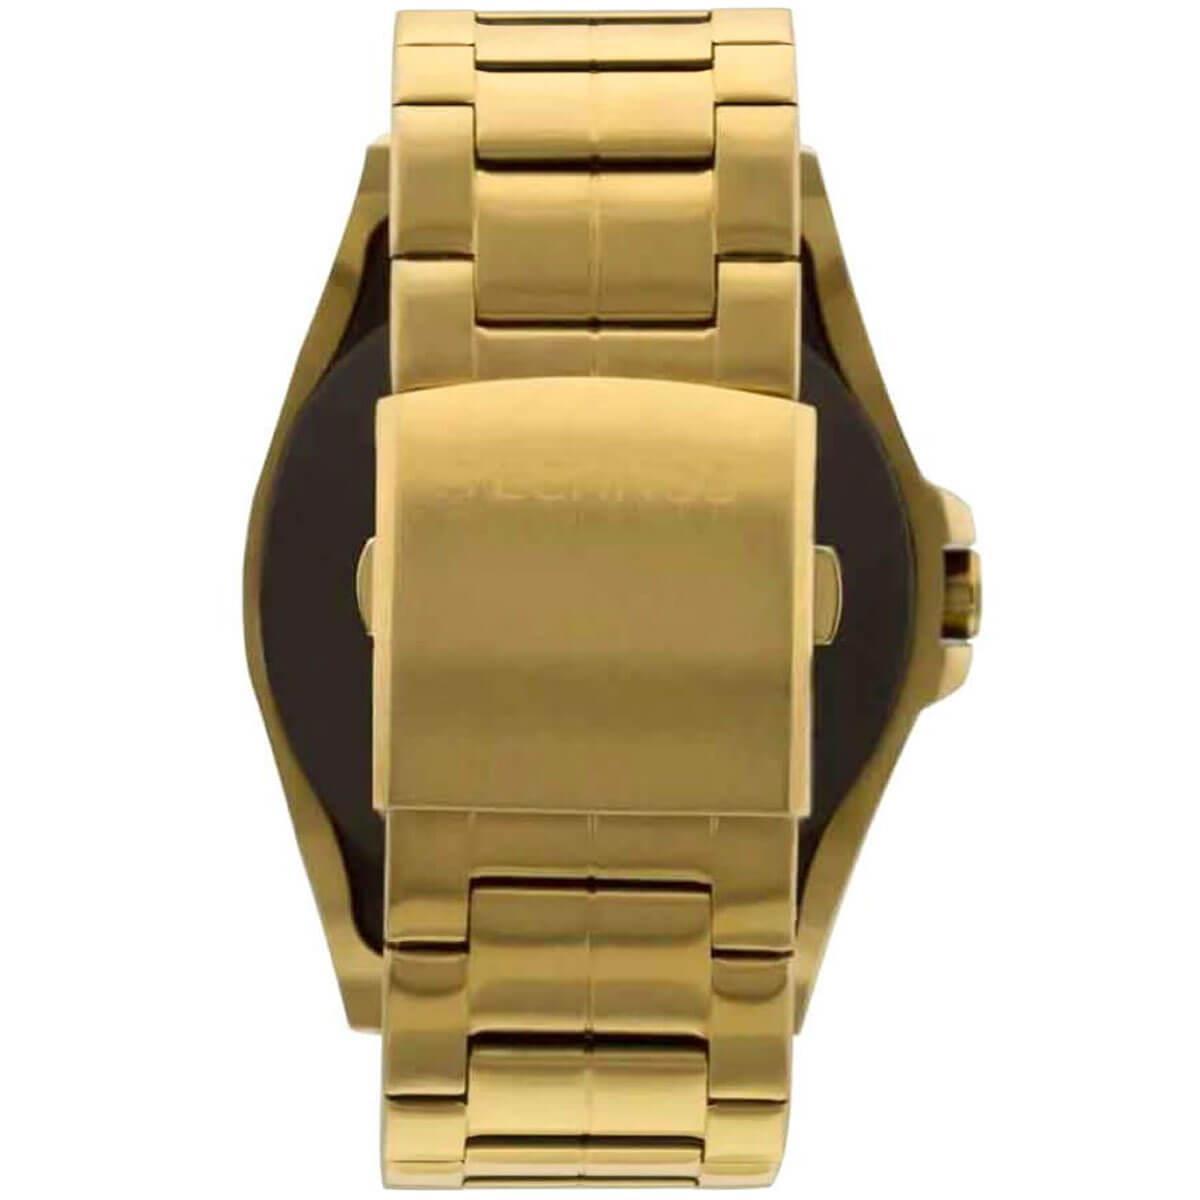 4196c38243b Relógio Masculino Technos Connect Digital SRAE 4P Aço Dourado